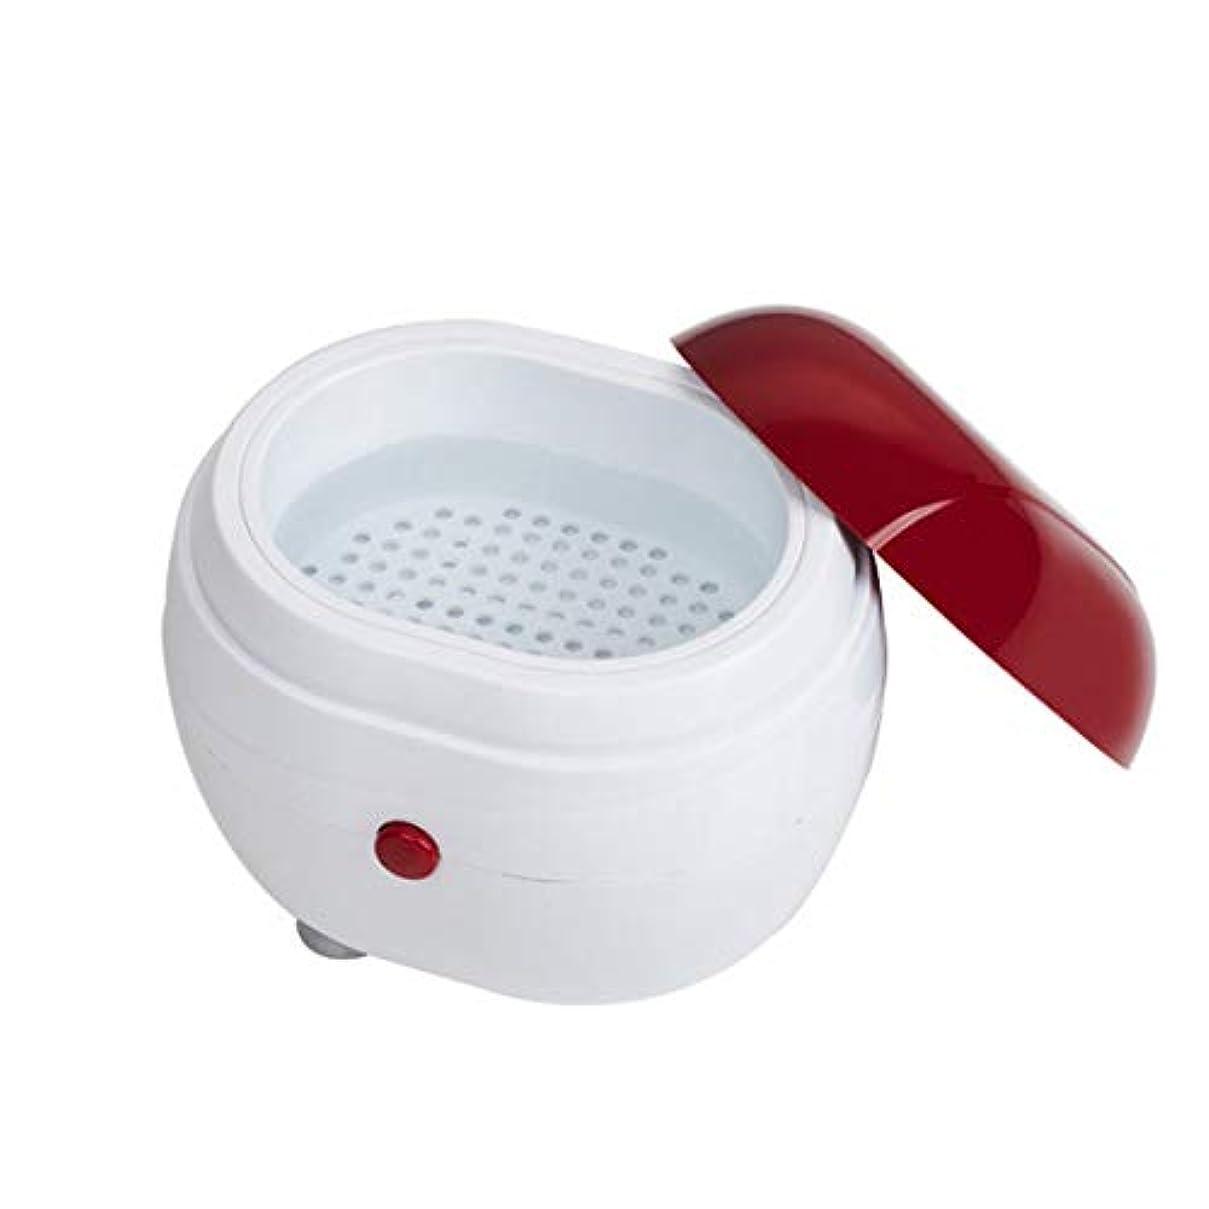 政治バケットうがいMolySun 歯用ツール 歯清潔 ポータブル超音波洗浄機家庭用ジュエリーレンズ時計入れ歯洗浄機洗濯機クリーナークリーニングボックス 赤と白